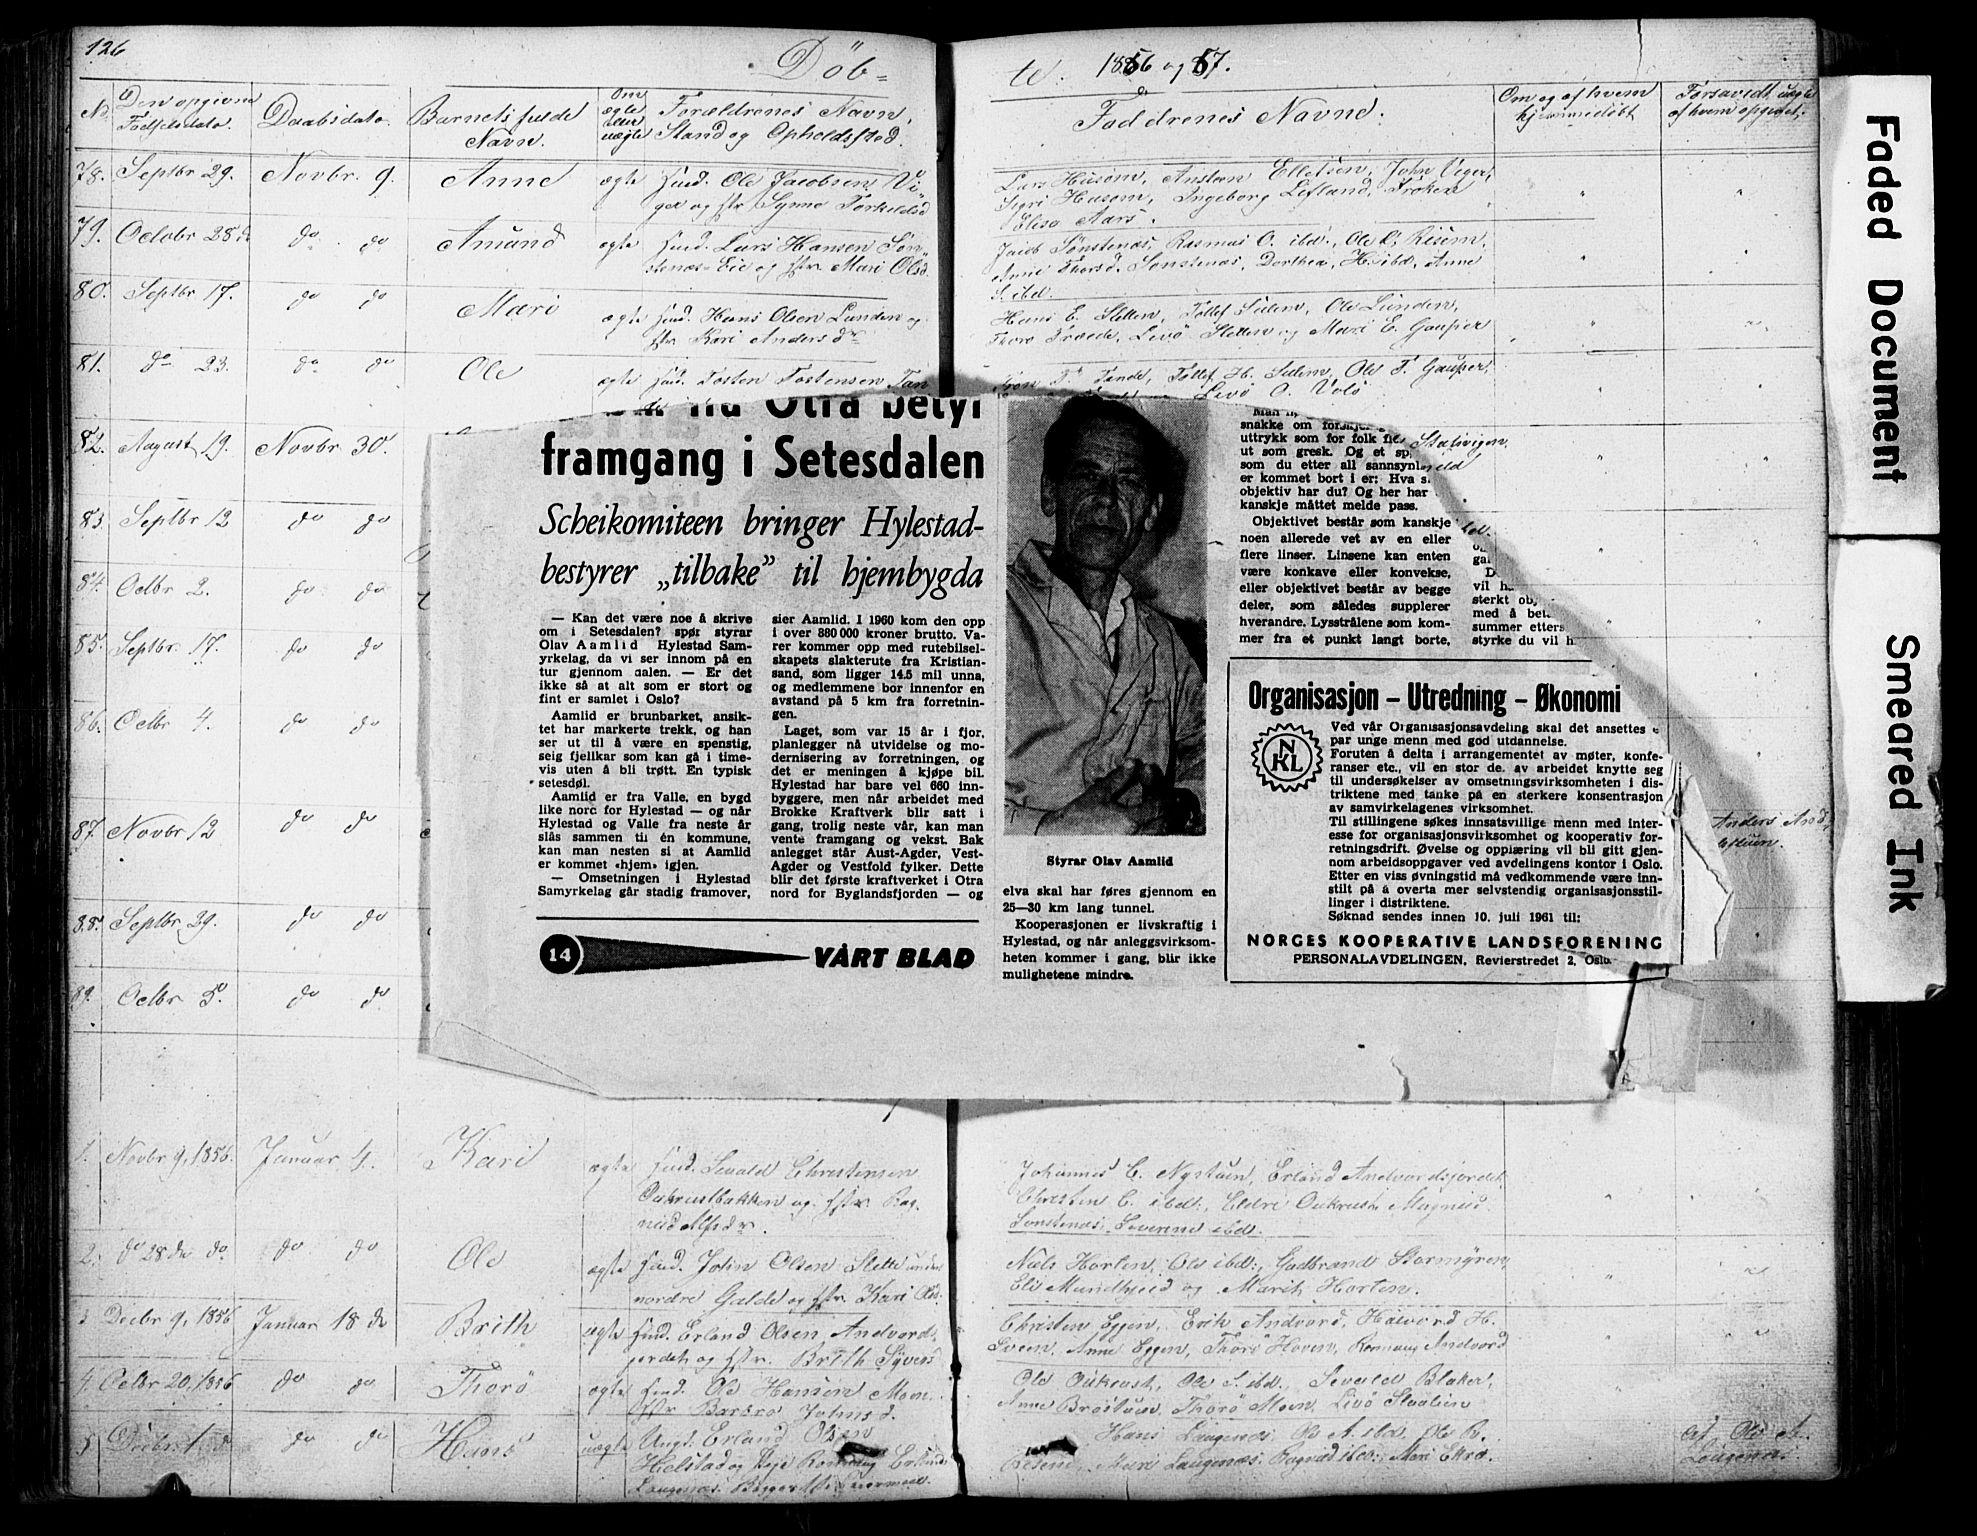 SAH, Lom prestekontor, L/L0012: Klokkerbok nr. 12, 1845-1873, s. 126-127